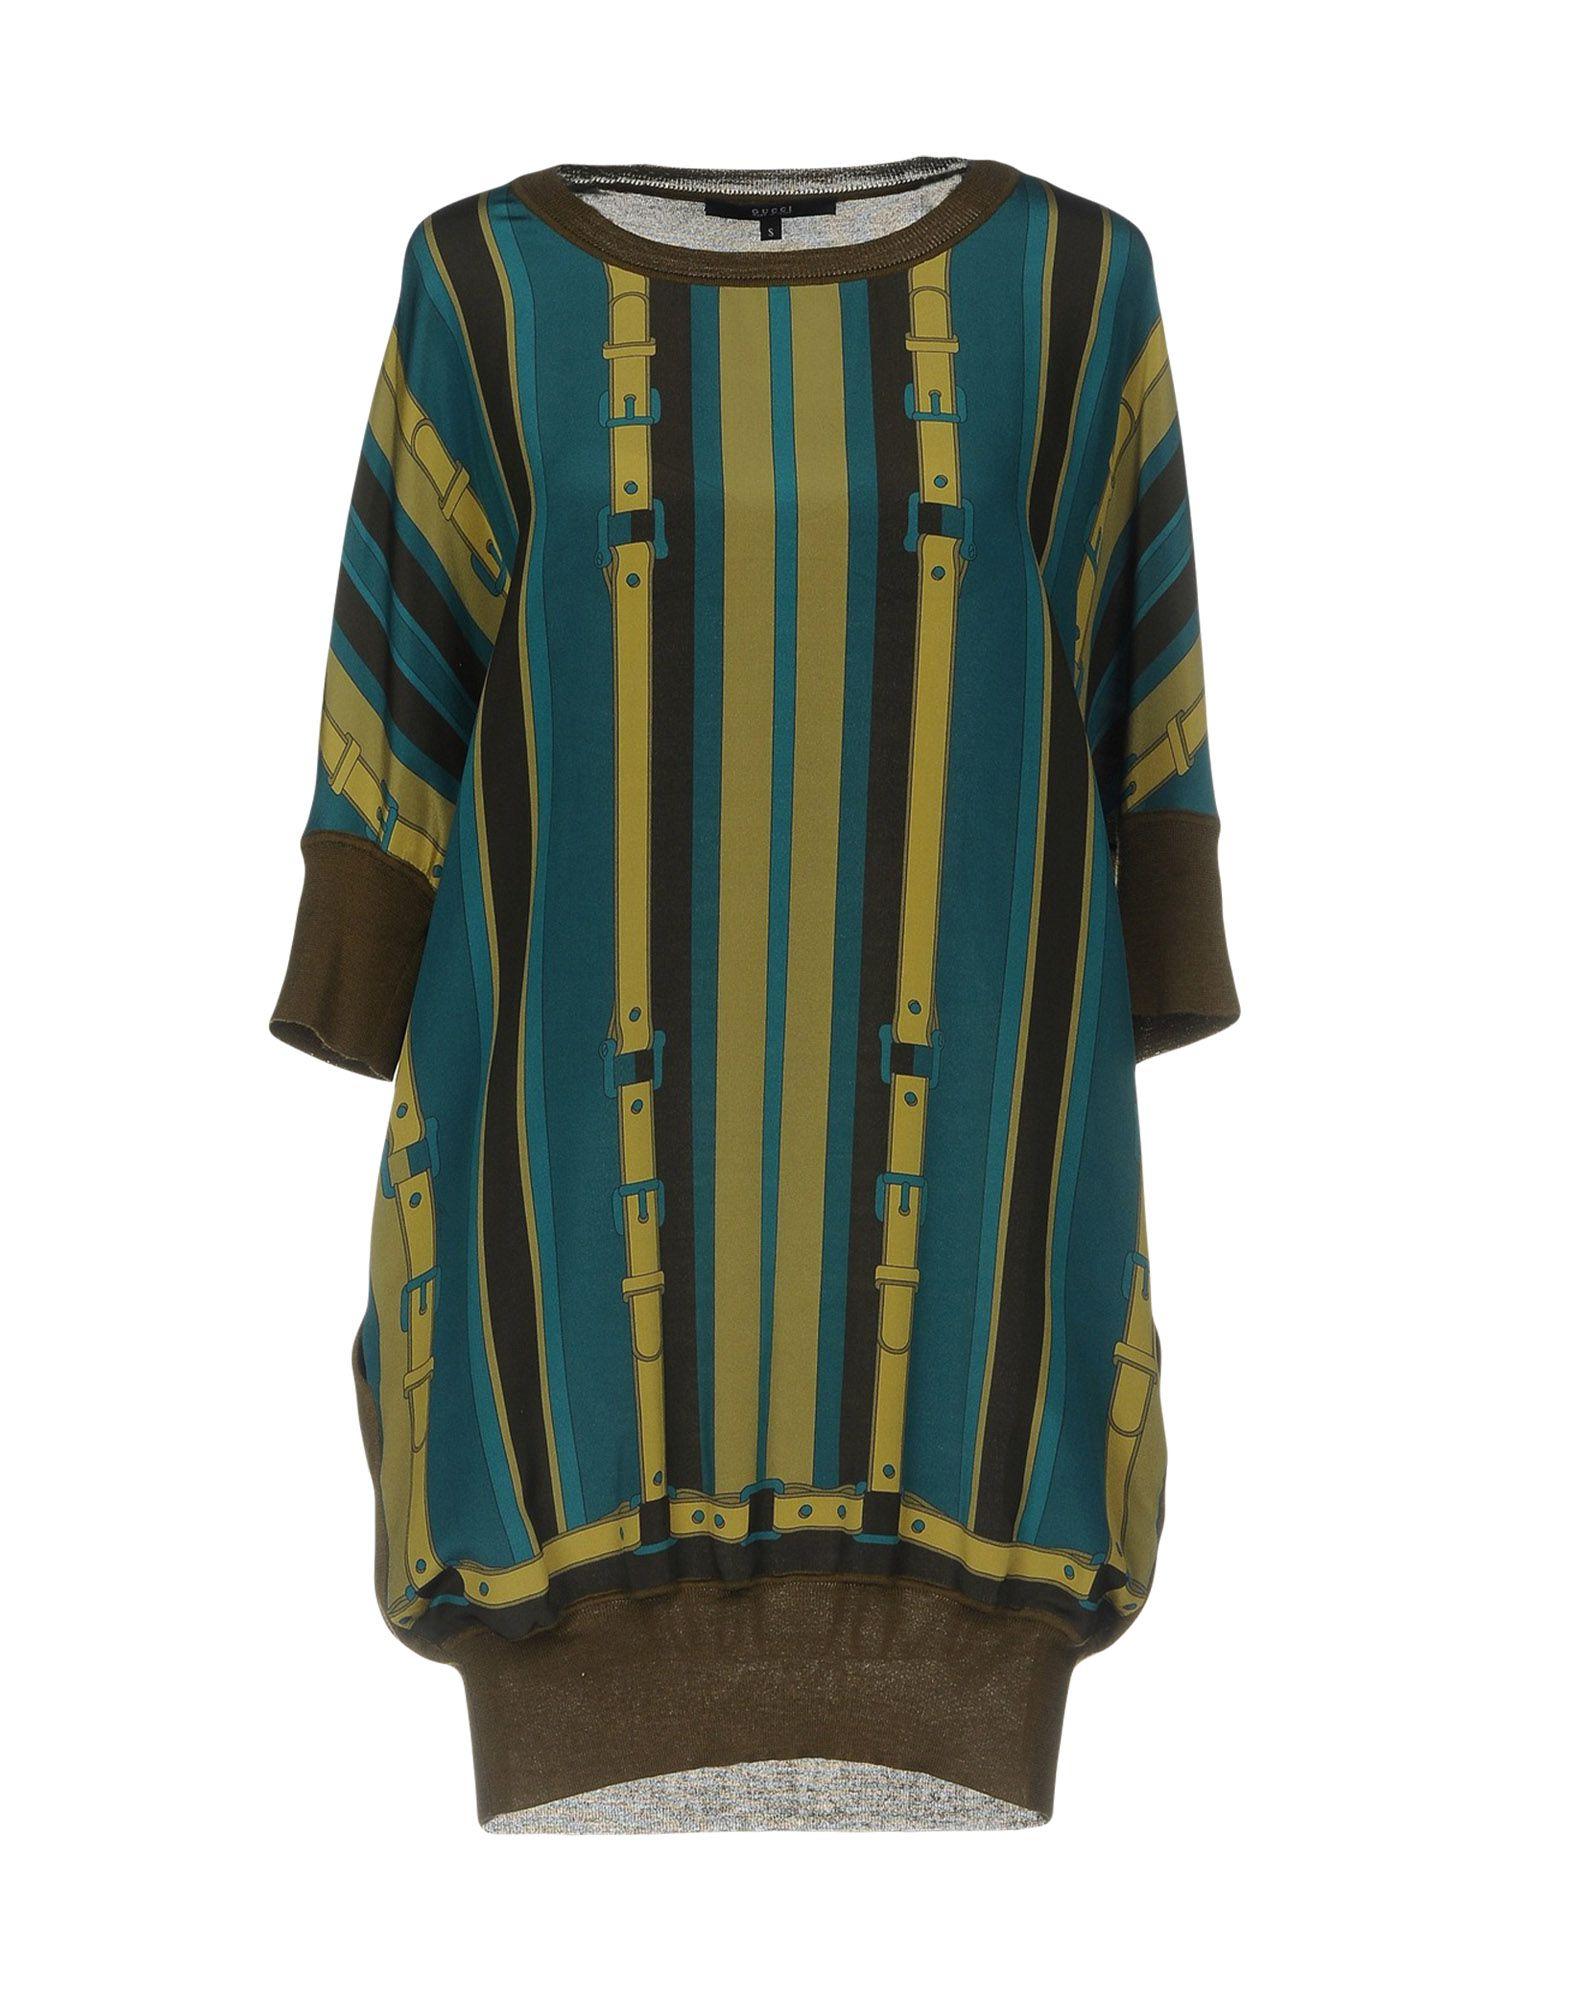 GUCCI Damen Kurzes Kleid Farbe Militärgrün Größe 4